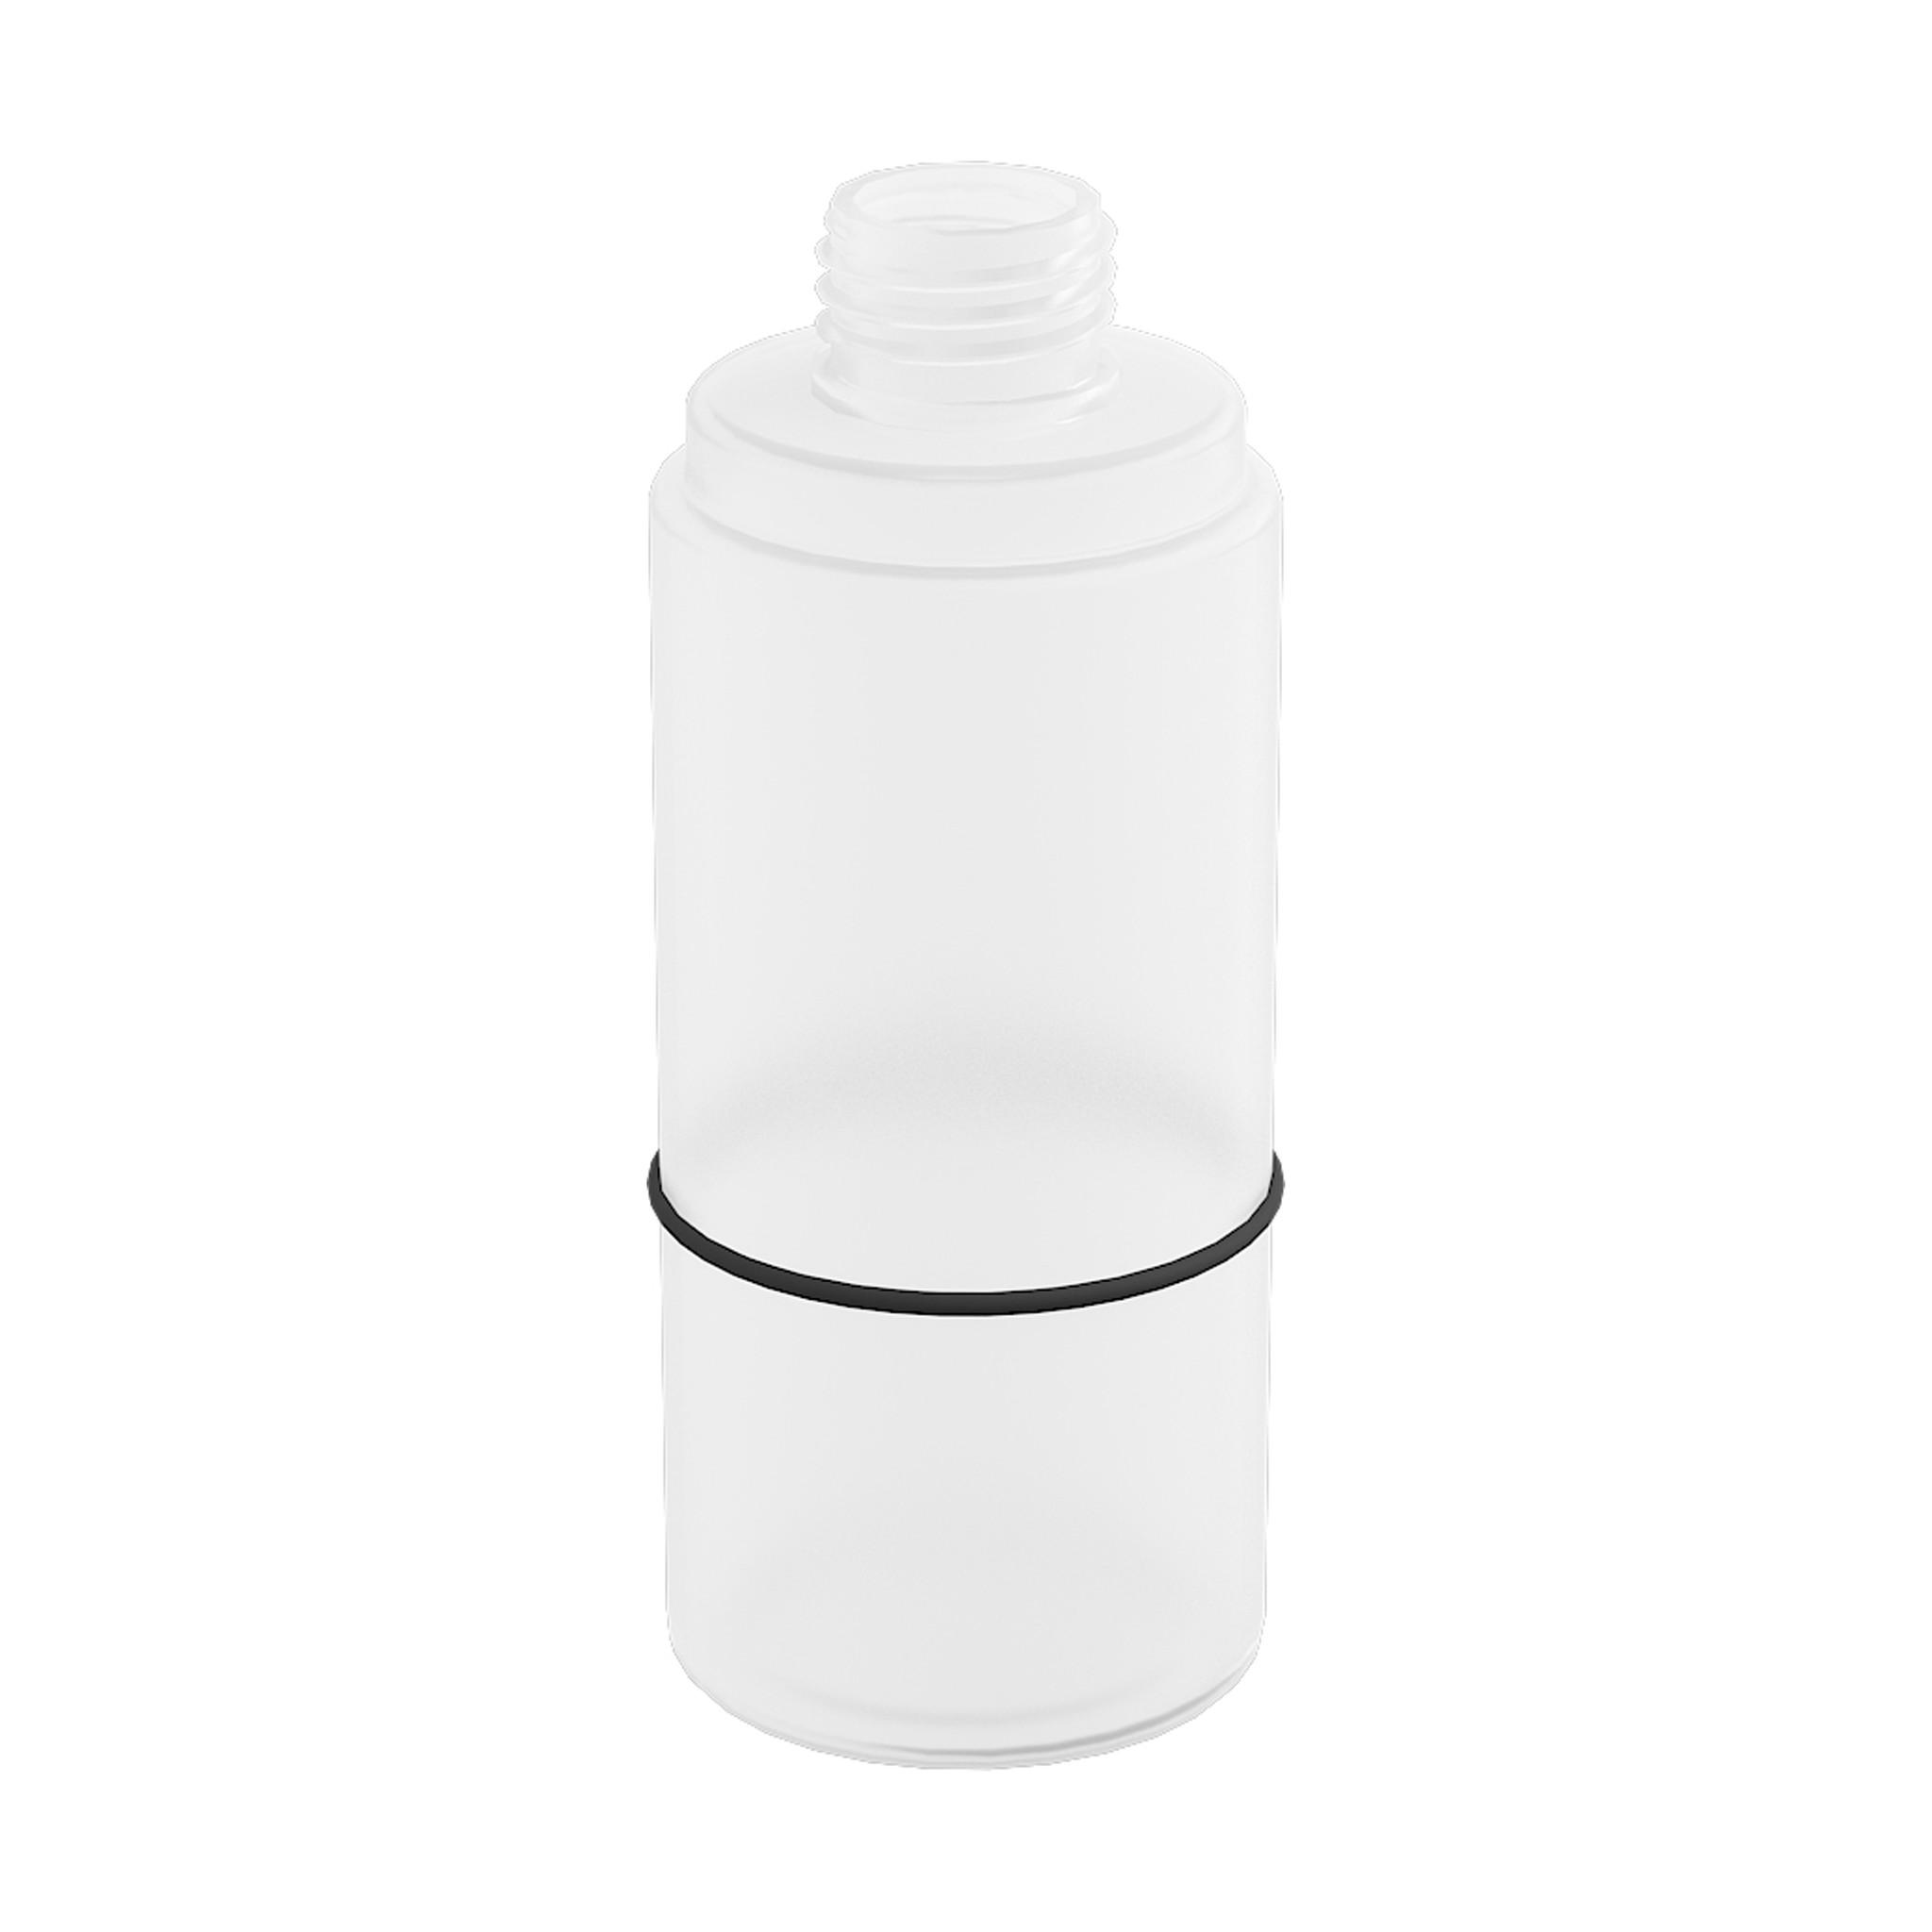 bottle for Quadria & Sjokker soap dispensers 100 & 200 cc